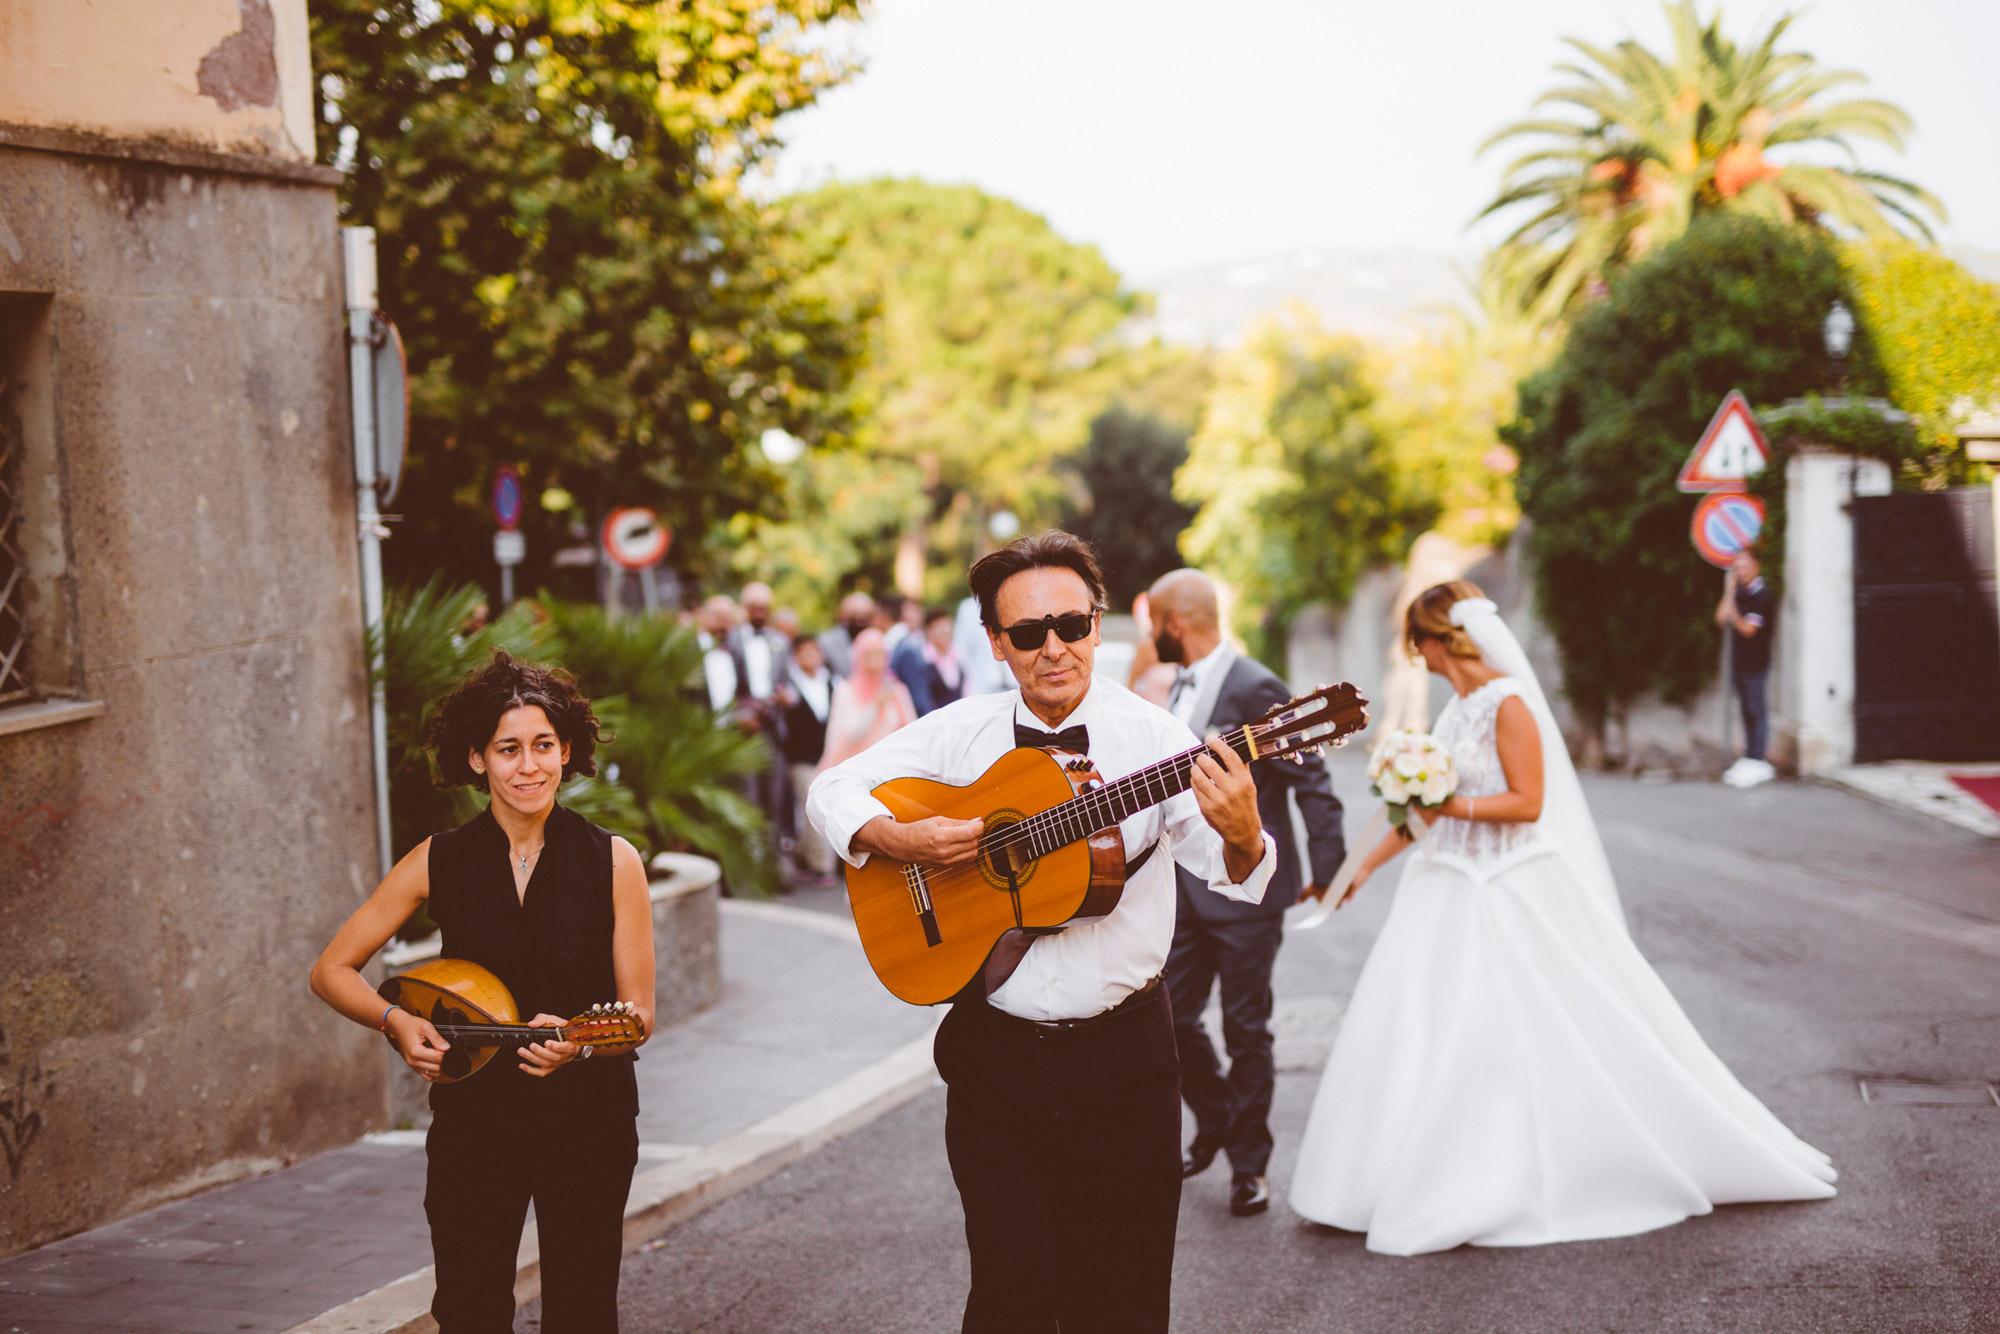 058-santamarinella-wedding-castello-odescalchi.jpg